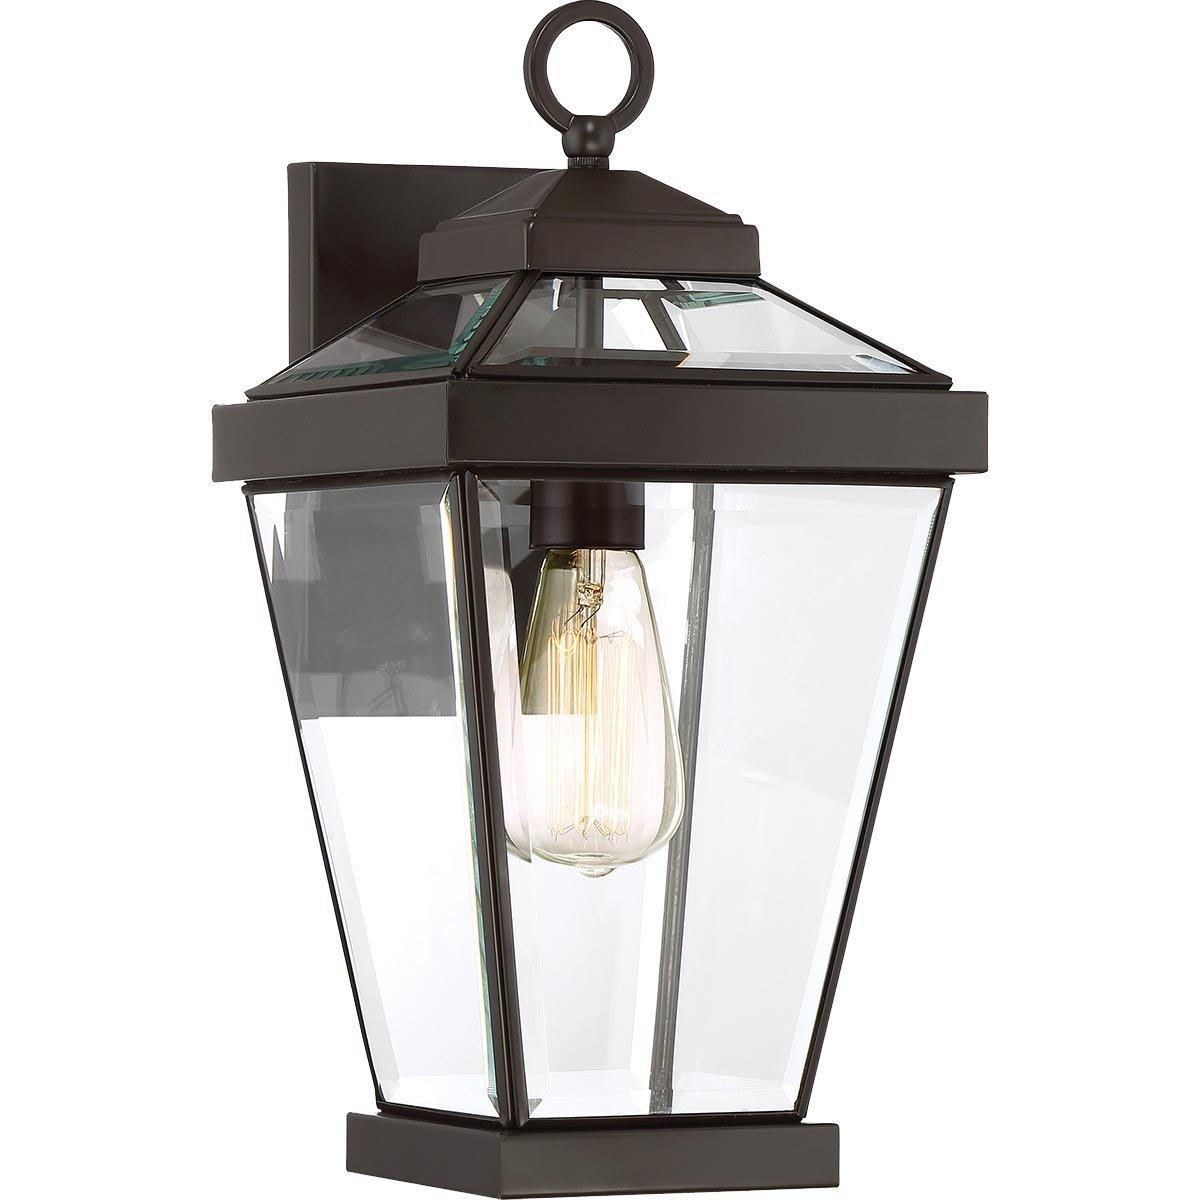 Franssen Landelijke wandlamp Charlson Franssen-Verlichting 4071